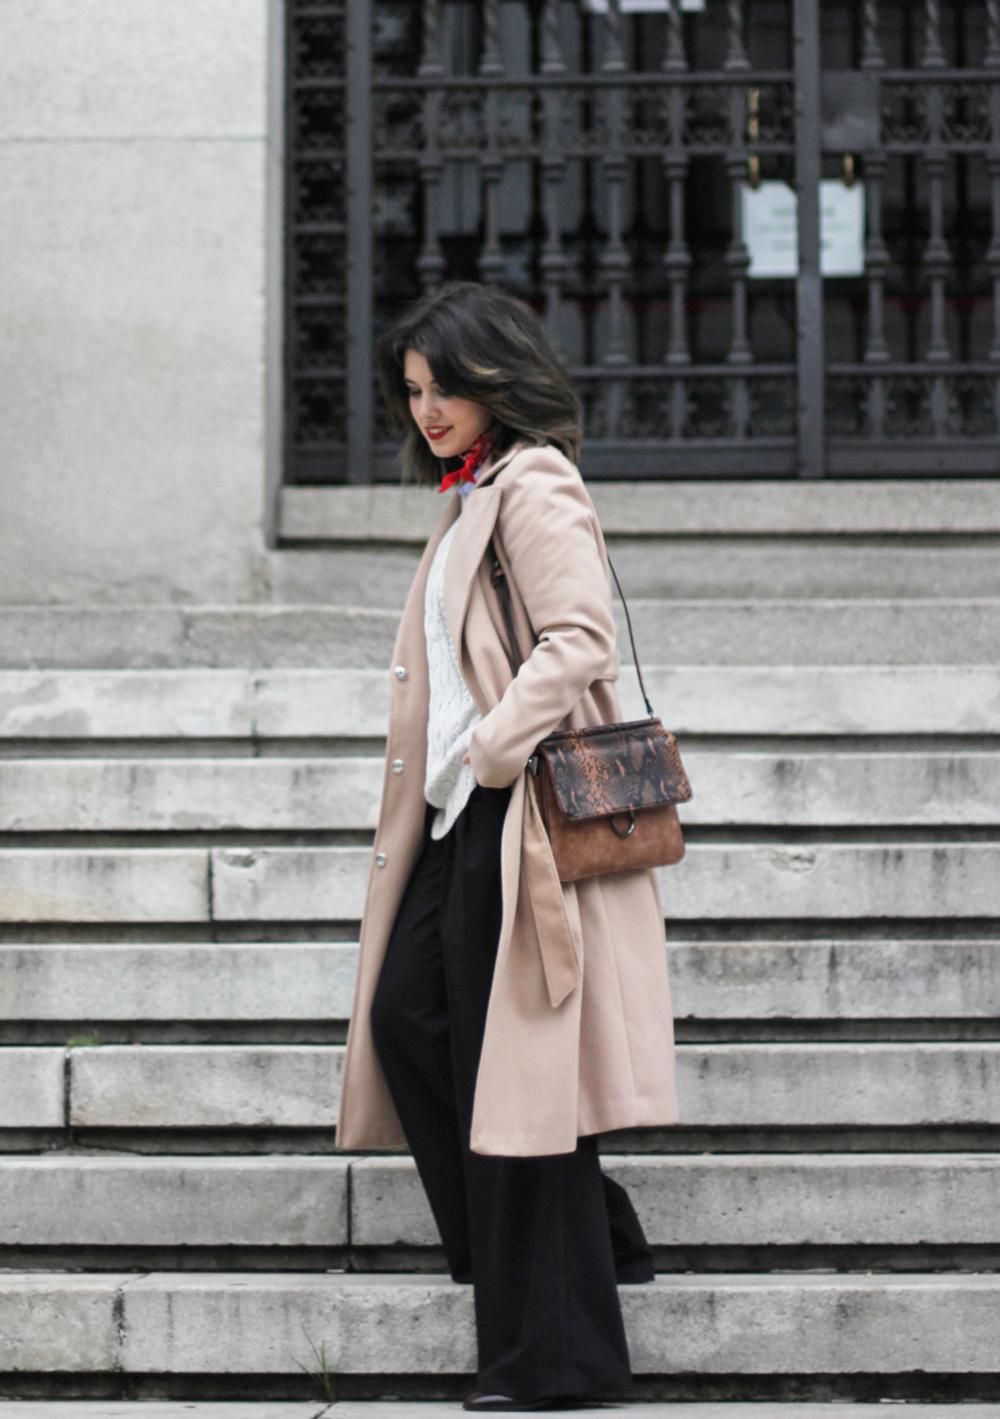 como combinar un abrigo beige largo y pantalones palazzo negro de La Redoute myblueberrynightsblog